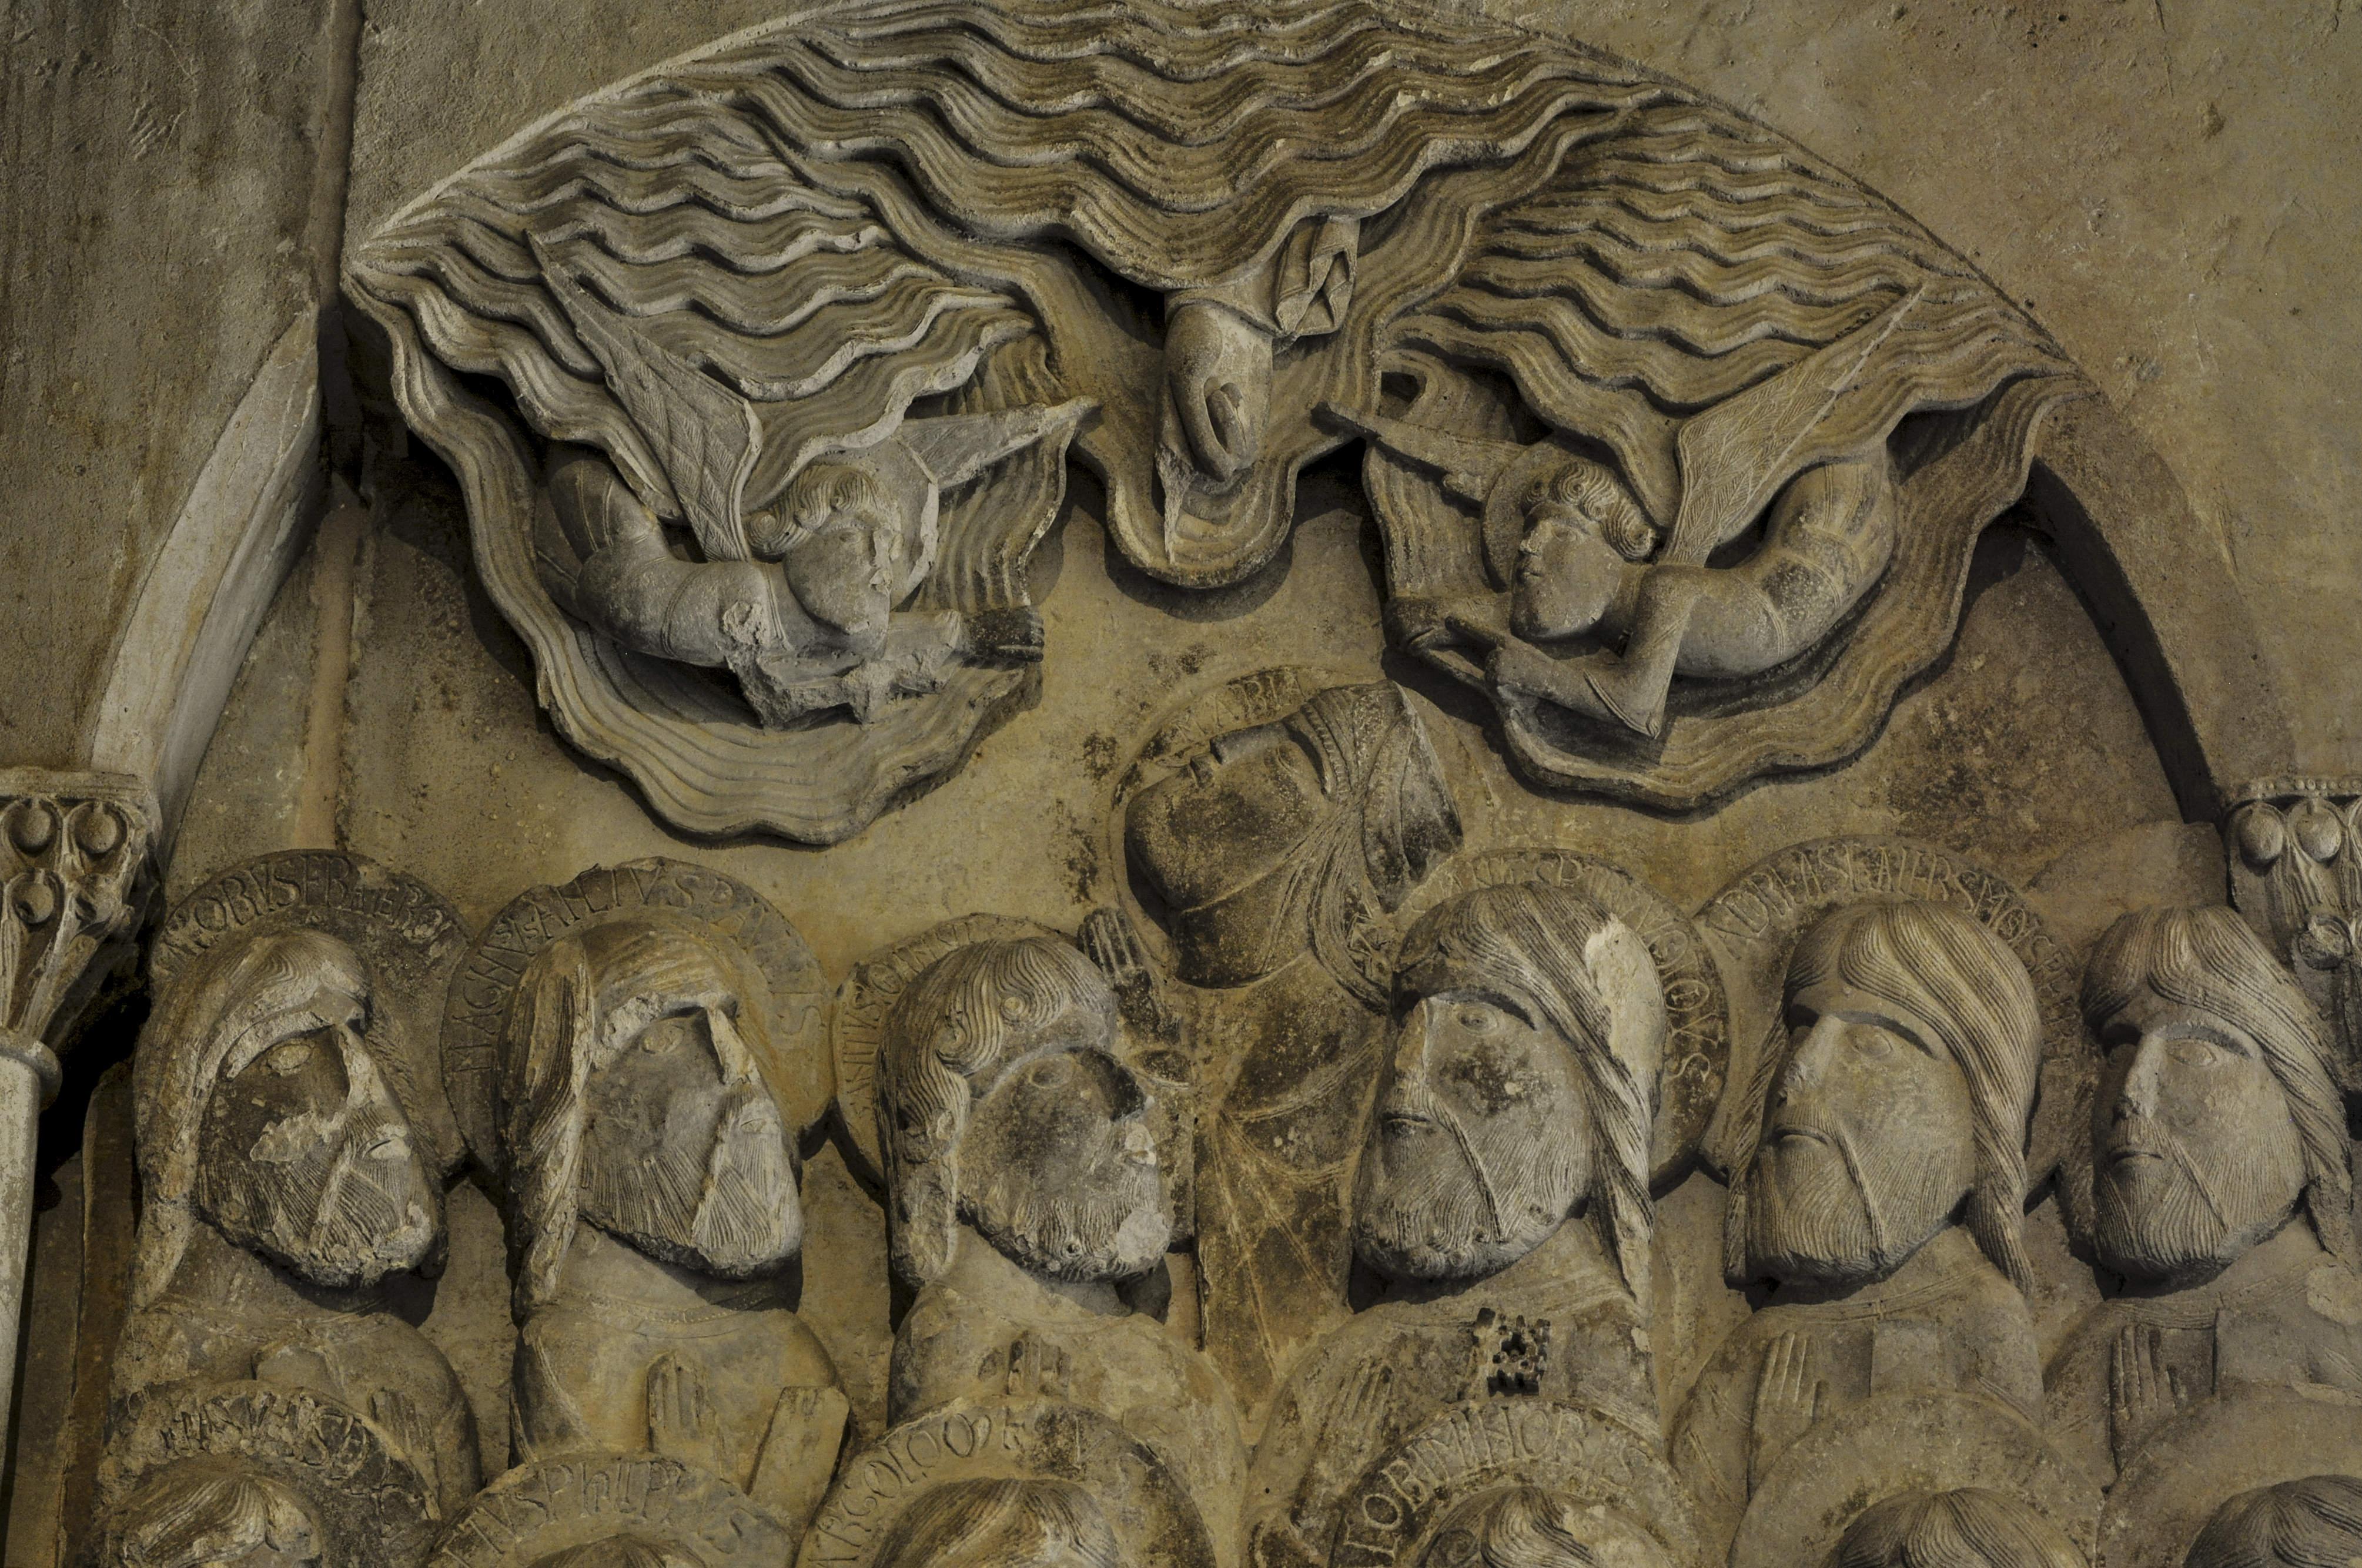 Relief Sculpture at Santo Domingo de Silos